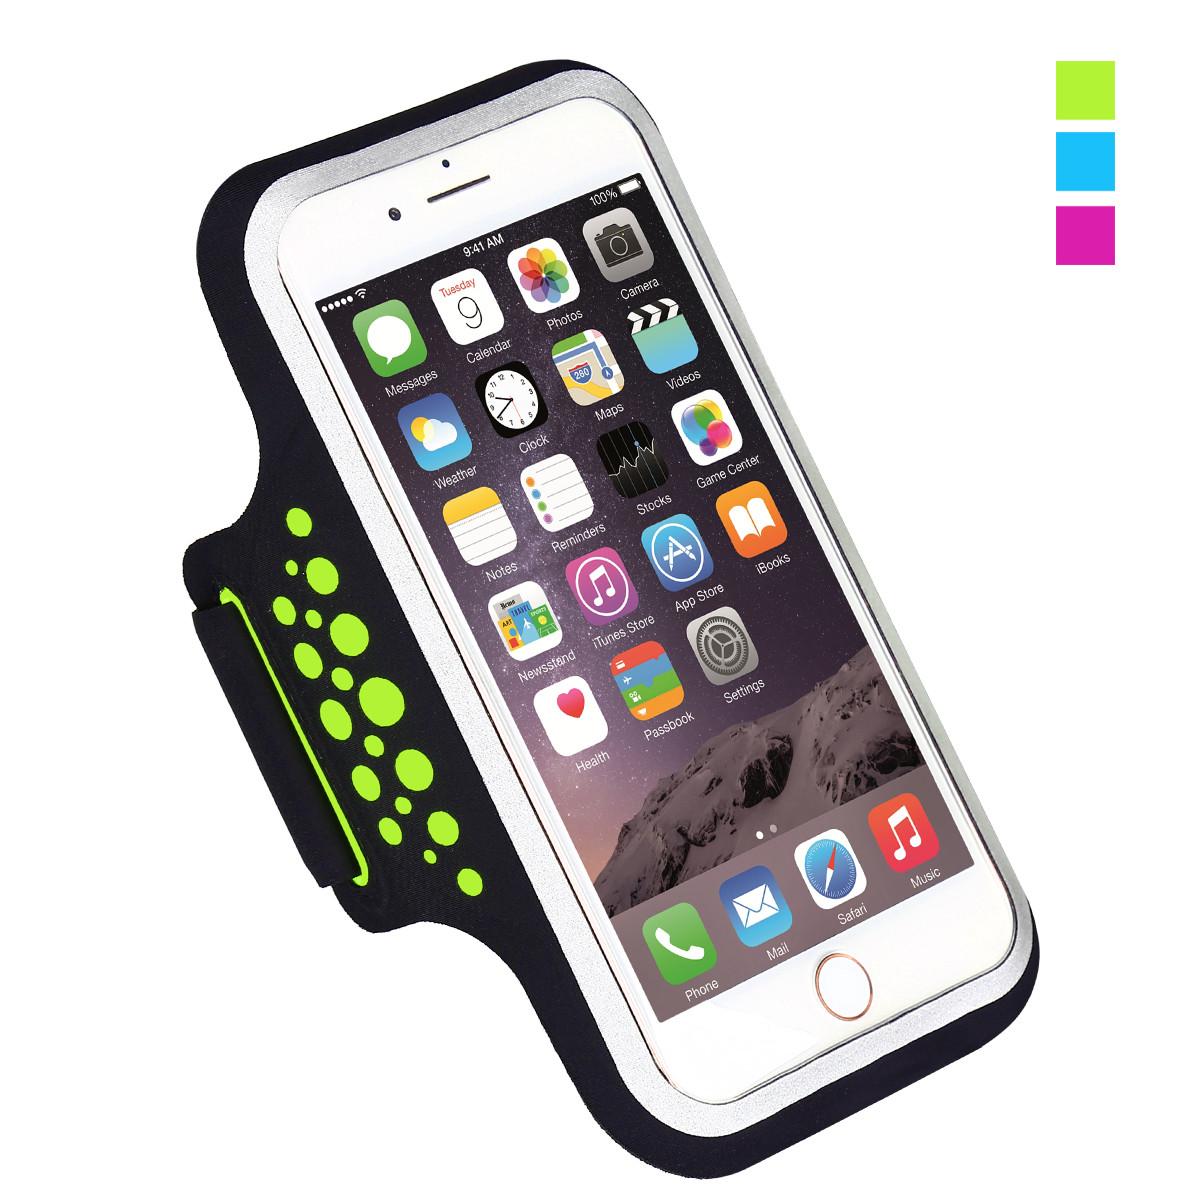 Спортивный чехол на руку для смартфонов Sea & sky размер телефона 16х8 см зеленый